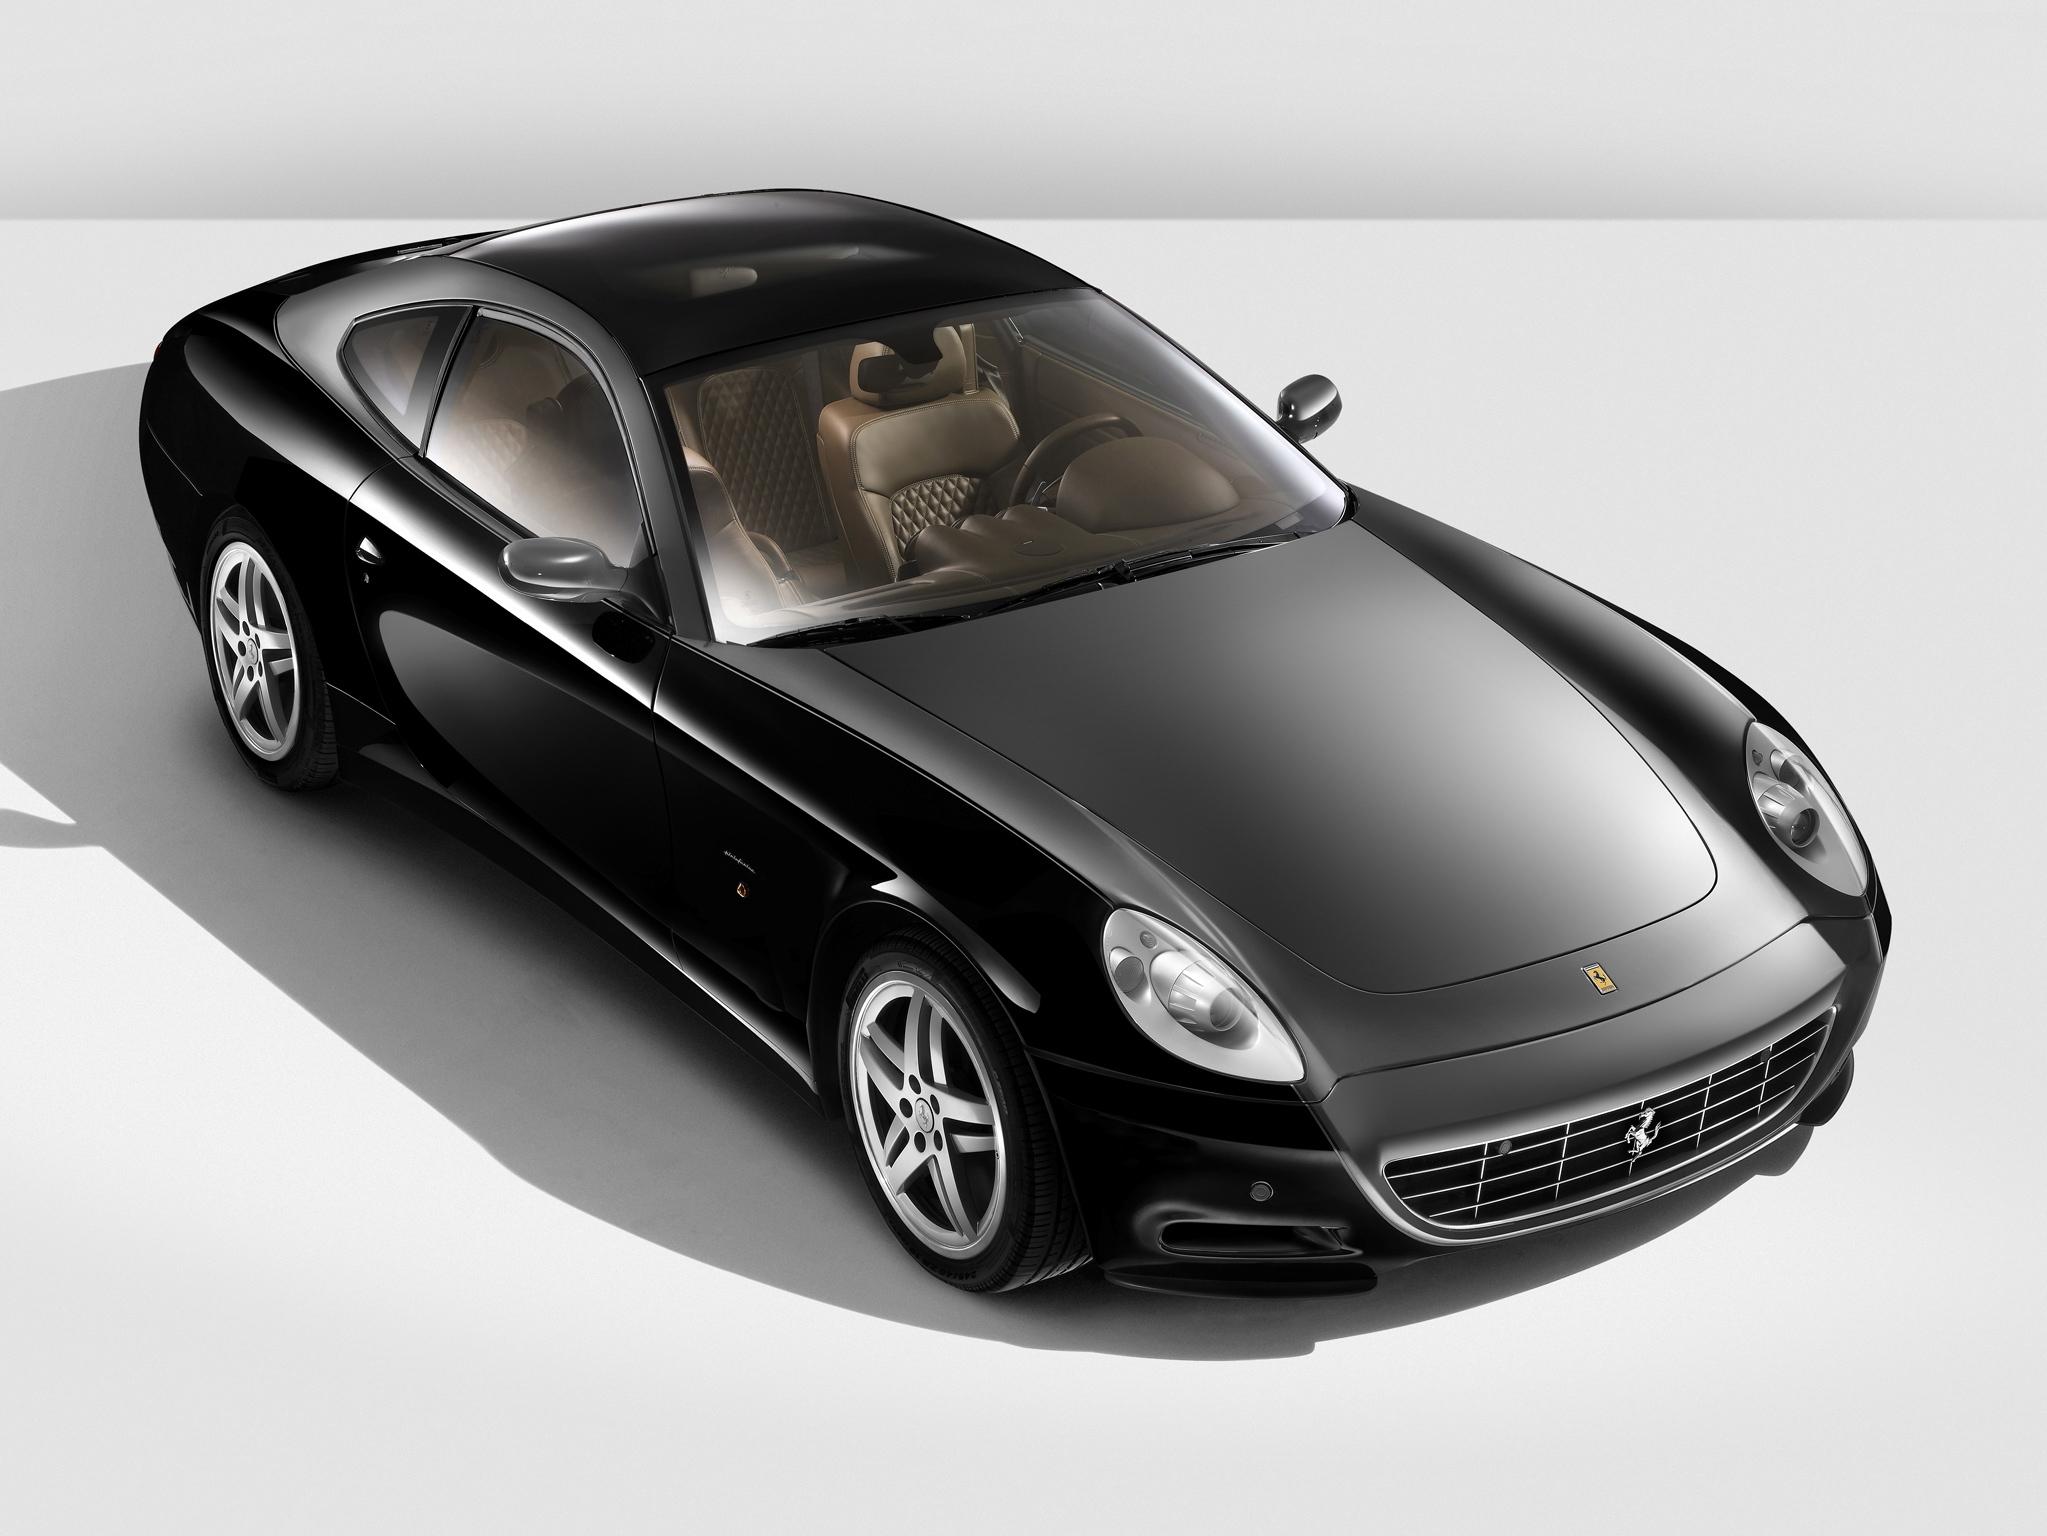 156288 download wallpaper Cars, Ferrari 612 Scaglietti, Ferrari, Auto, Concept screensavers and pictures for free